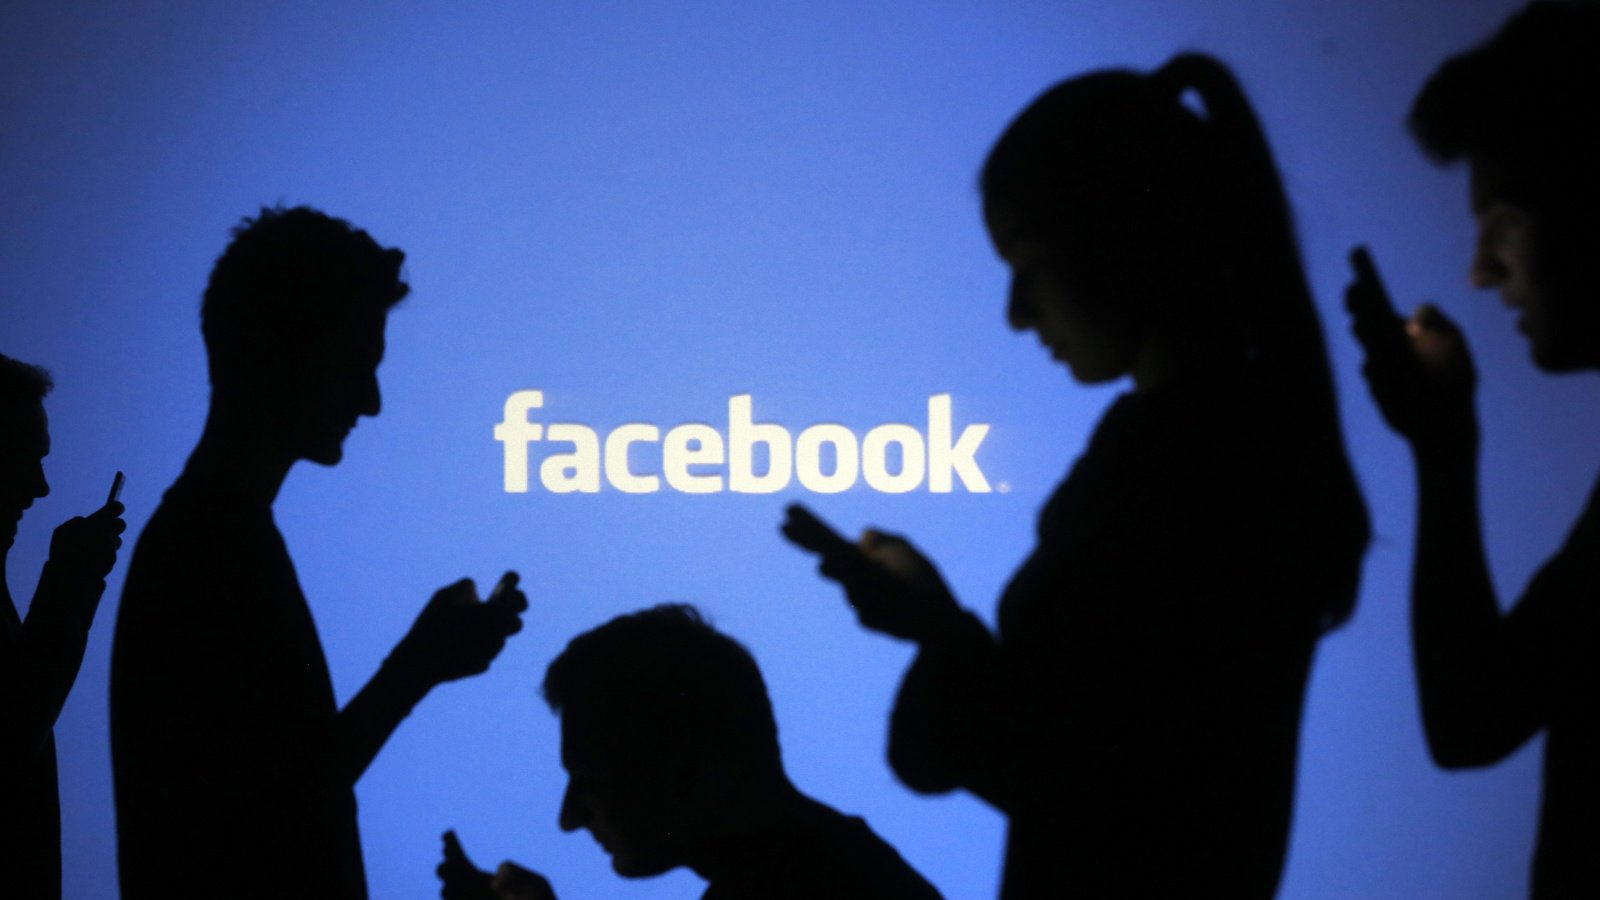 કોણ તમારી ફેસબુક પ્રોફાઈલને જોઈ રહ્યું છે, આ રહી તેને જાણવા માટેની ટ્રીક